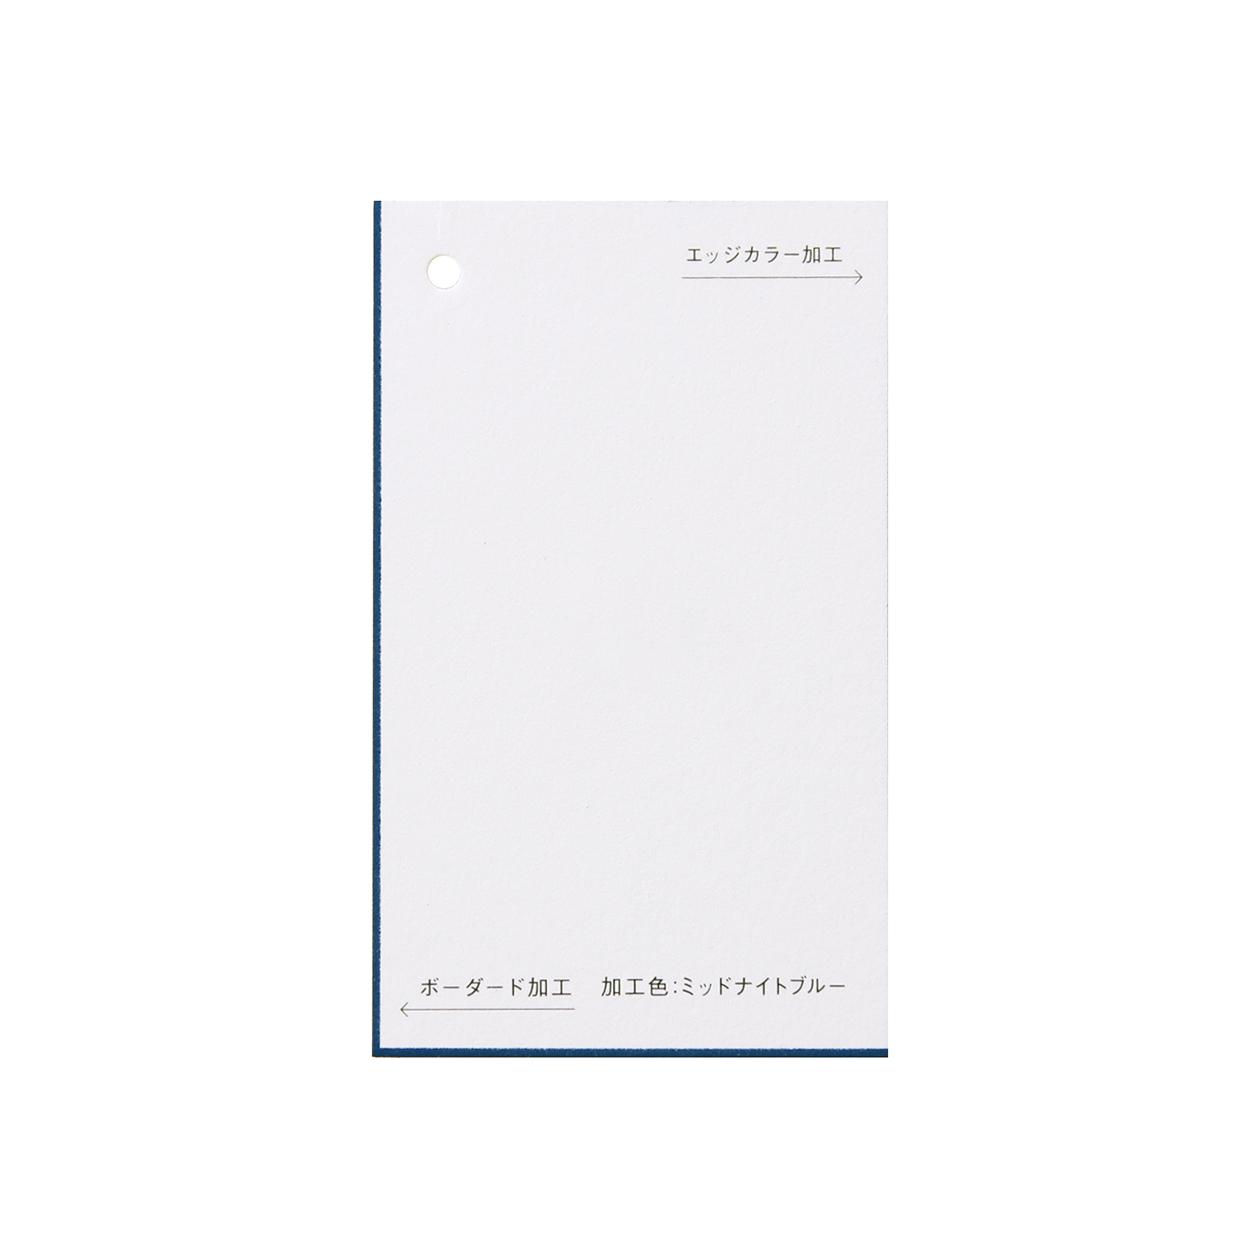 加工色見本 00158ボーダード・エッジカラー ミッドナイトブルースノーホワイト 348.8g